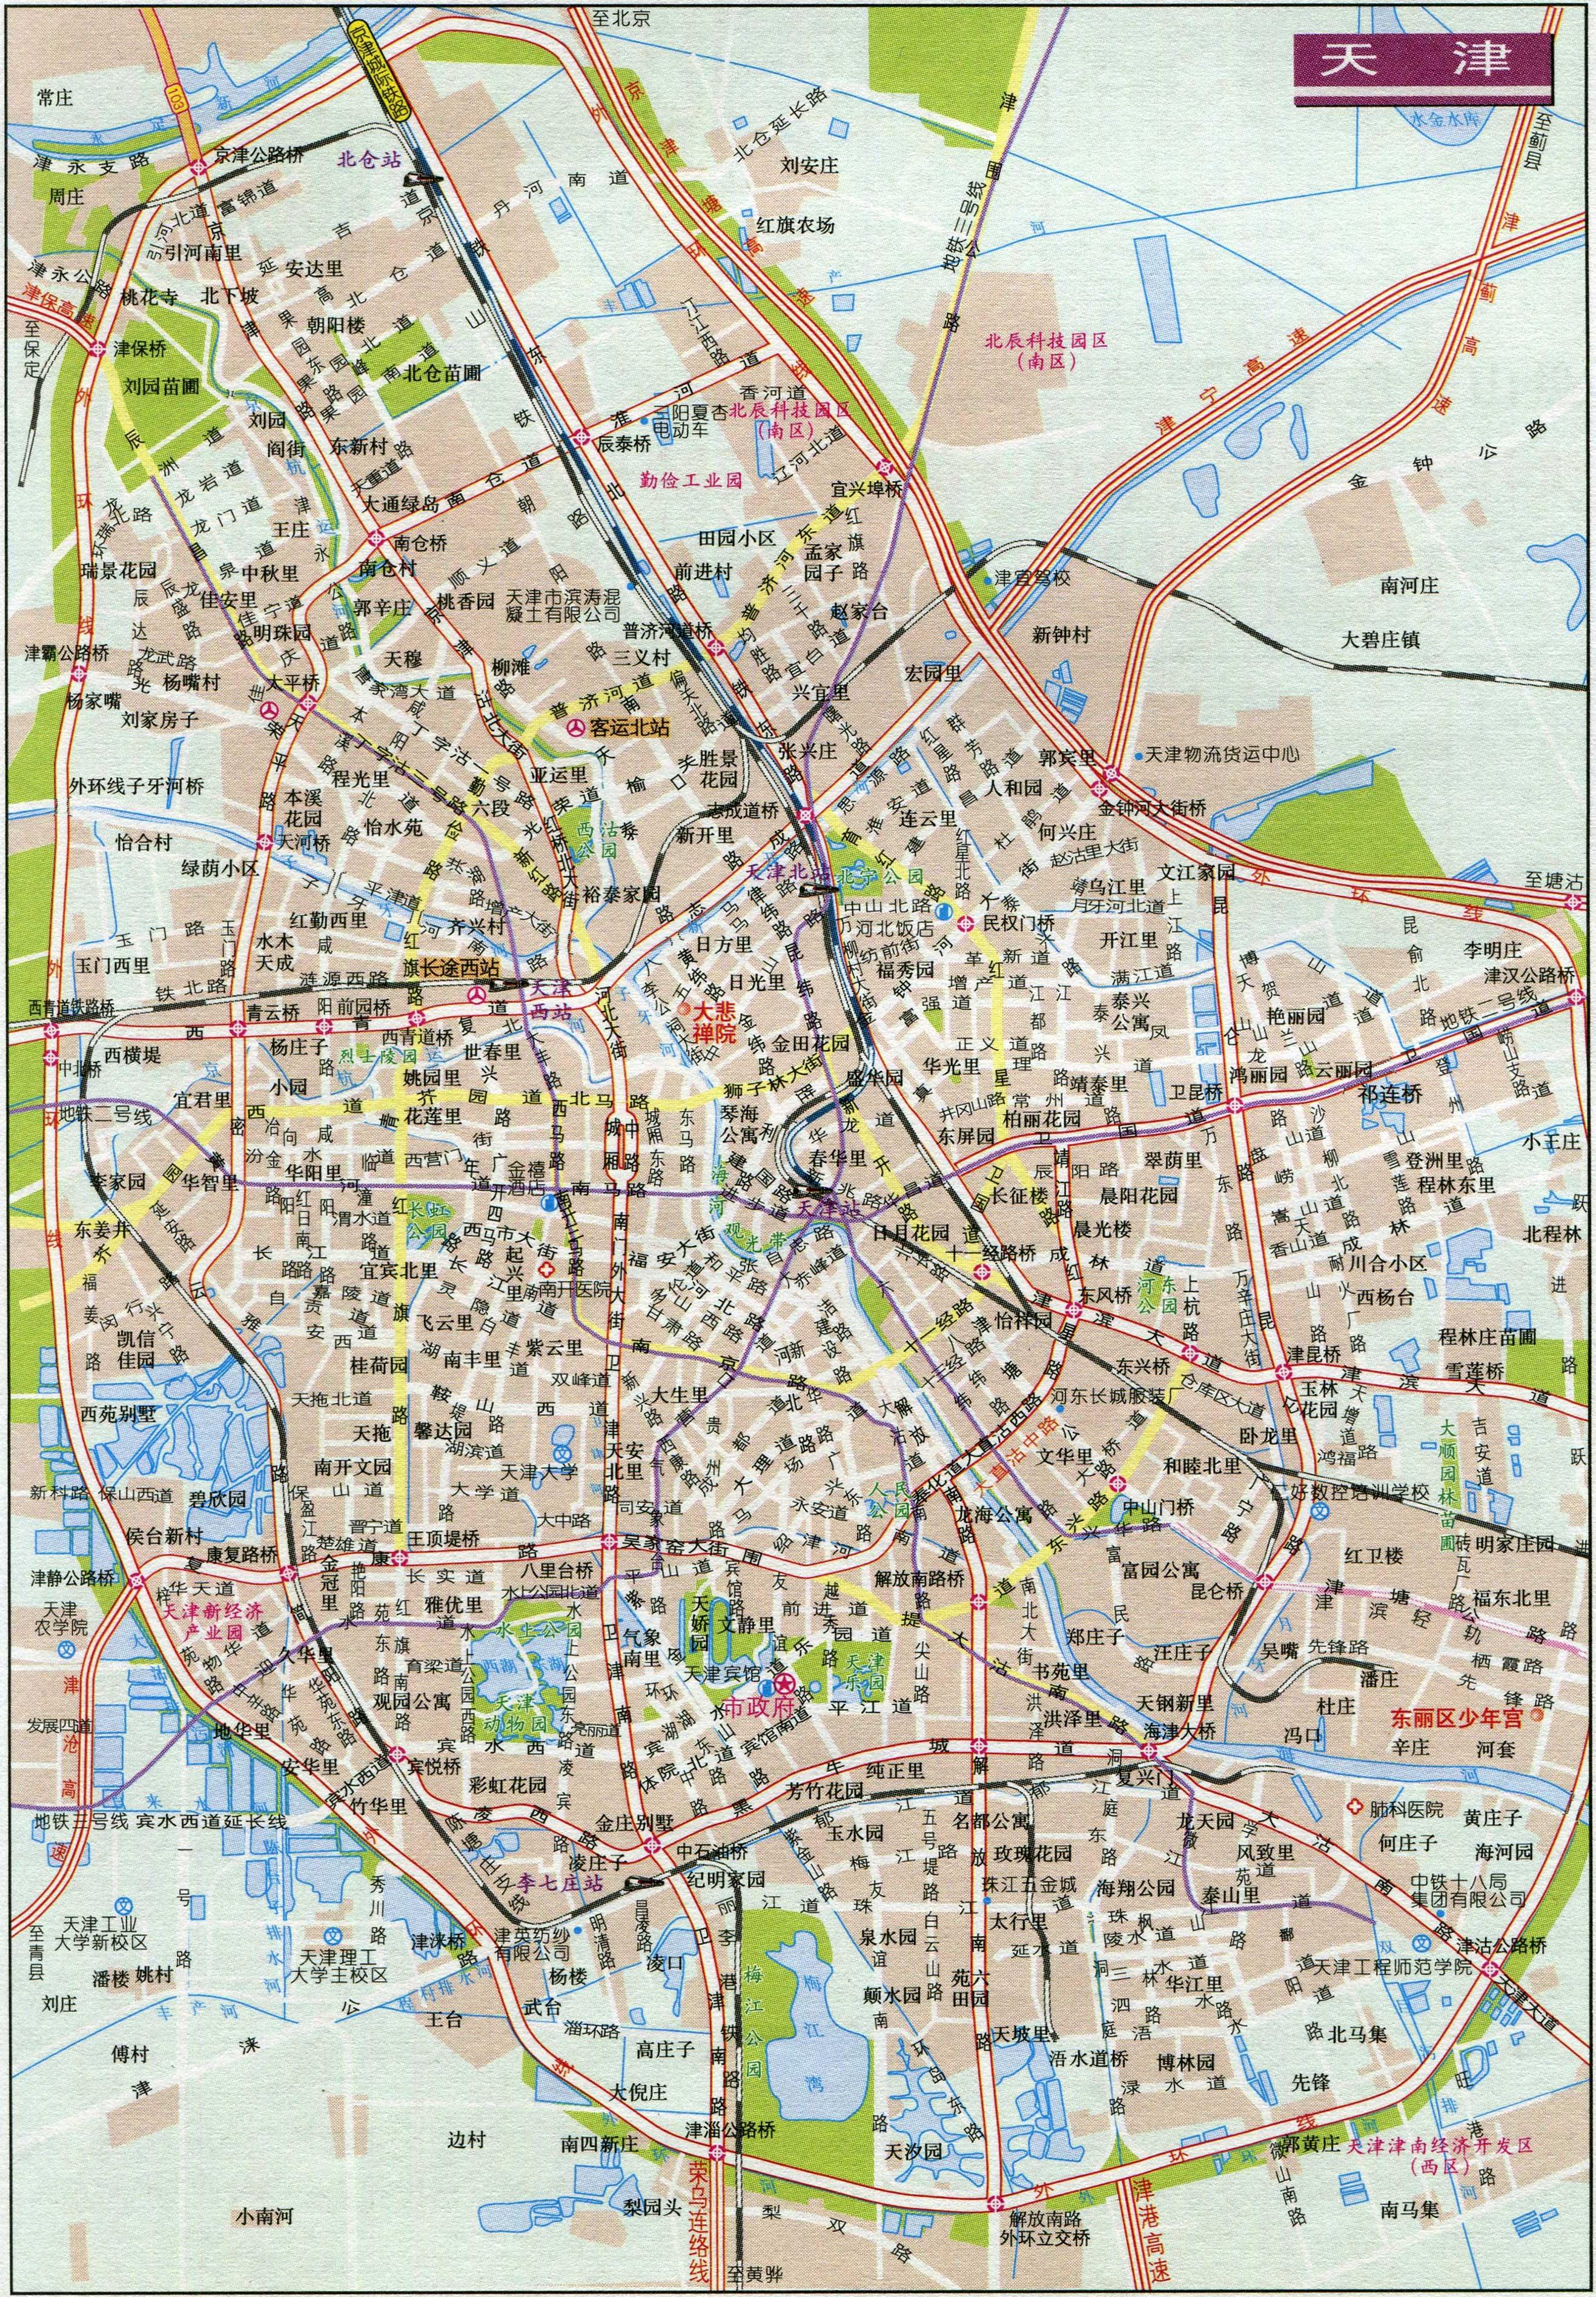 天津市区地图全图高清版 地图窝